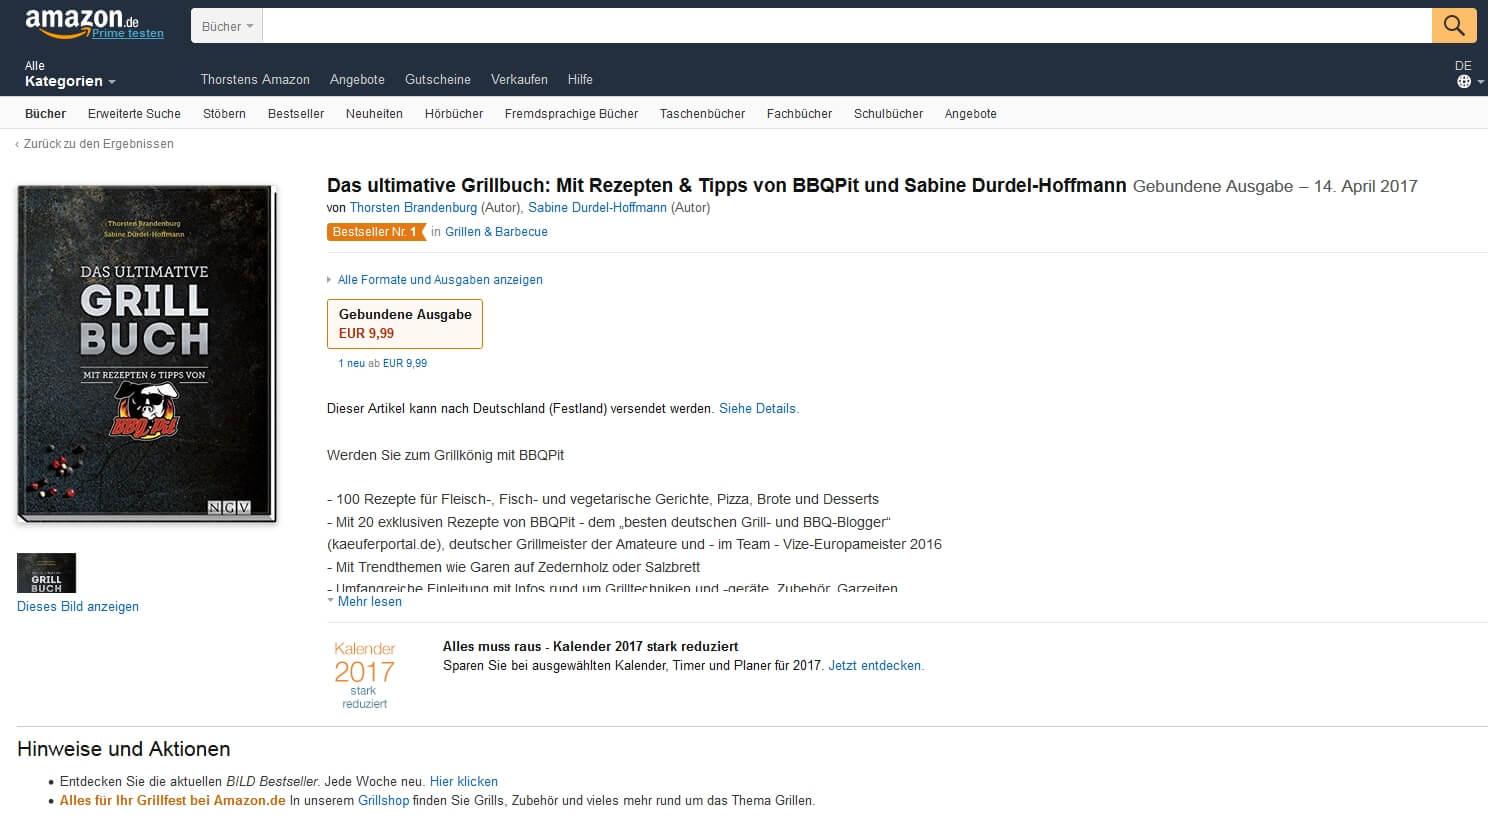 Das ultimative Grillbuch das ultimative grillbuch-BestsellerGrillenBarbecue-Das ultimative Grillbuch mit BBQPit